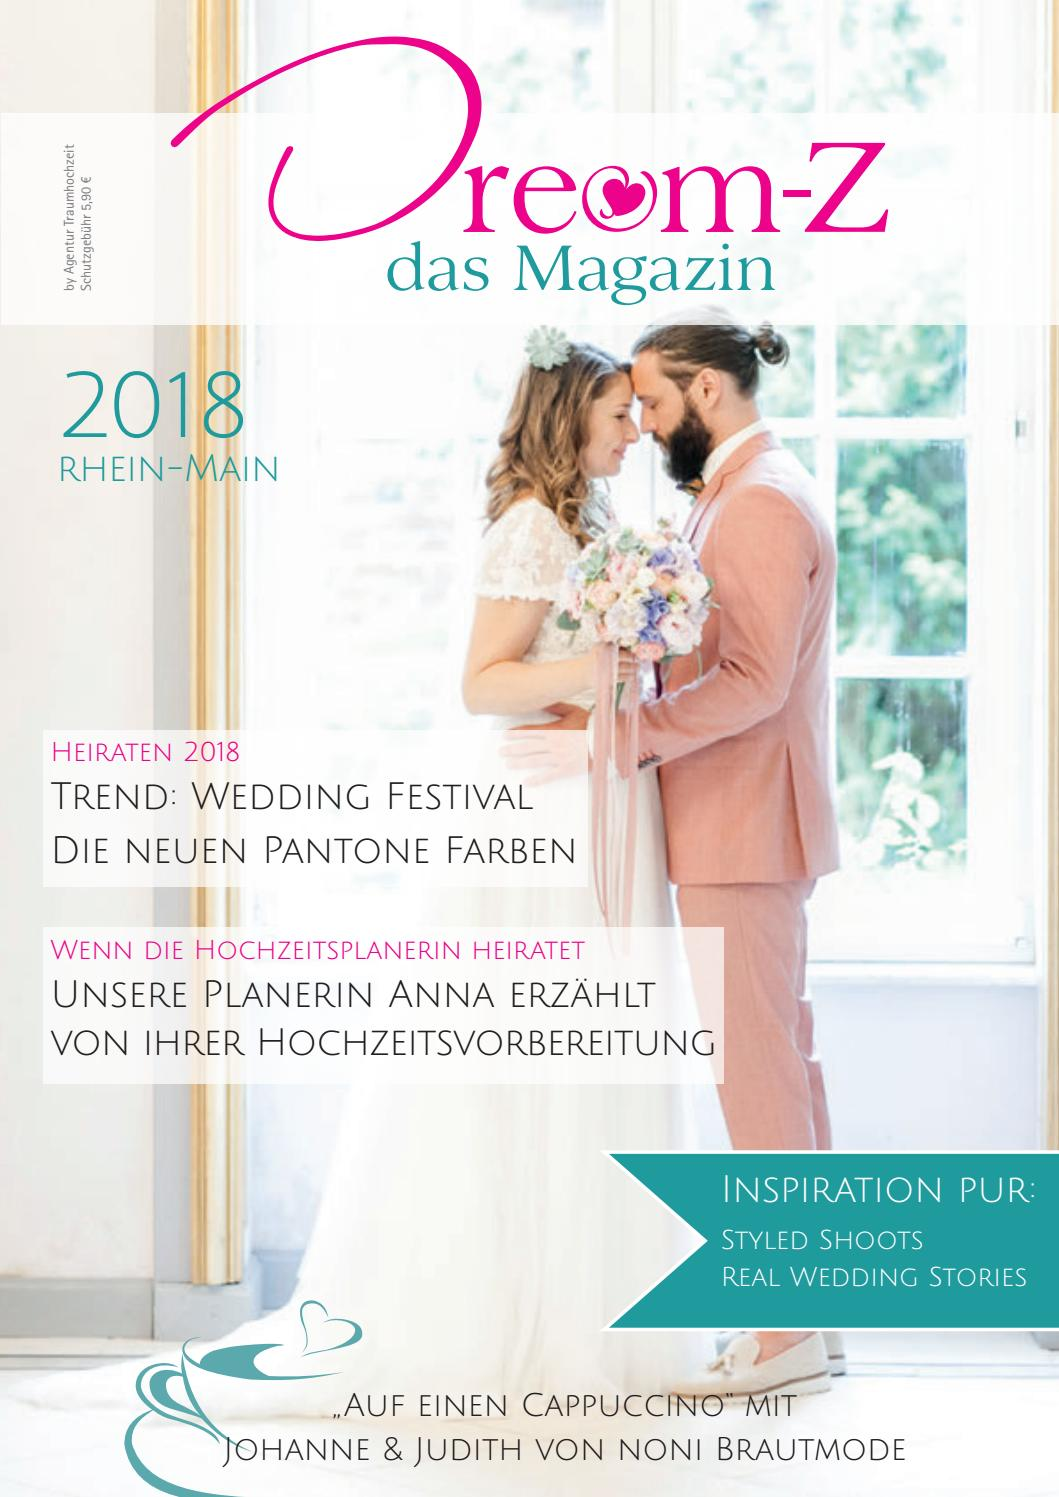 Dream-Z das Magazin 2018 Rhein-Main by agentur-traumhochzeit - issuu